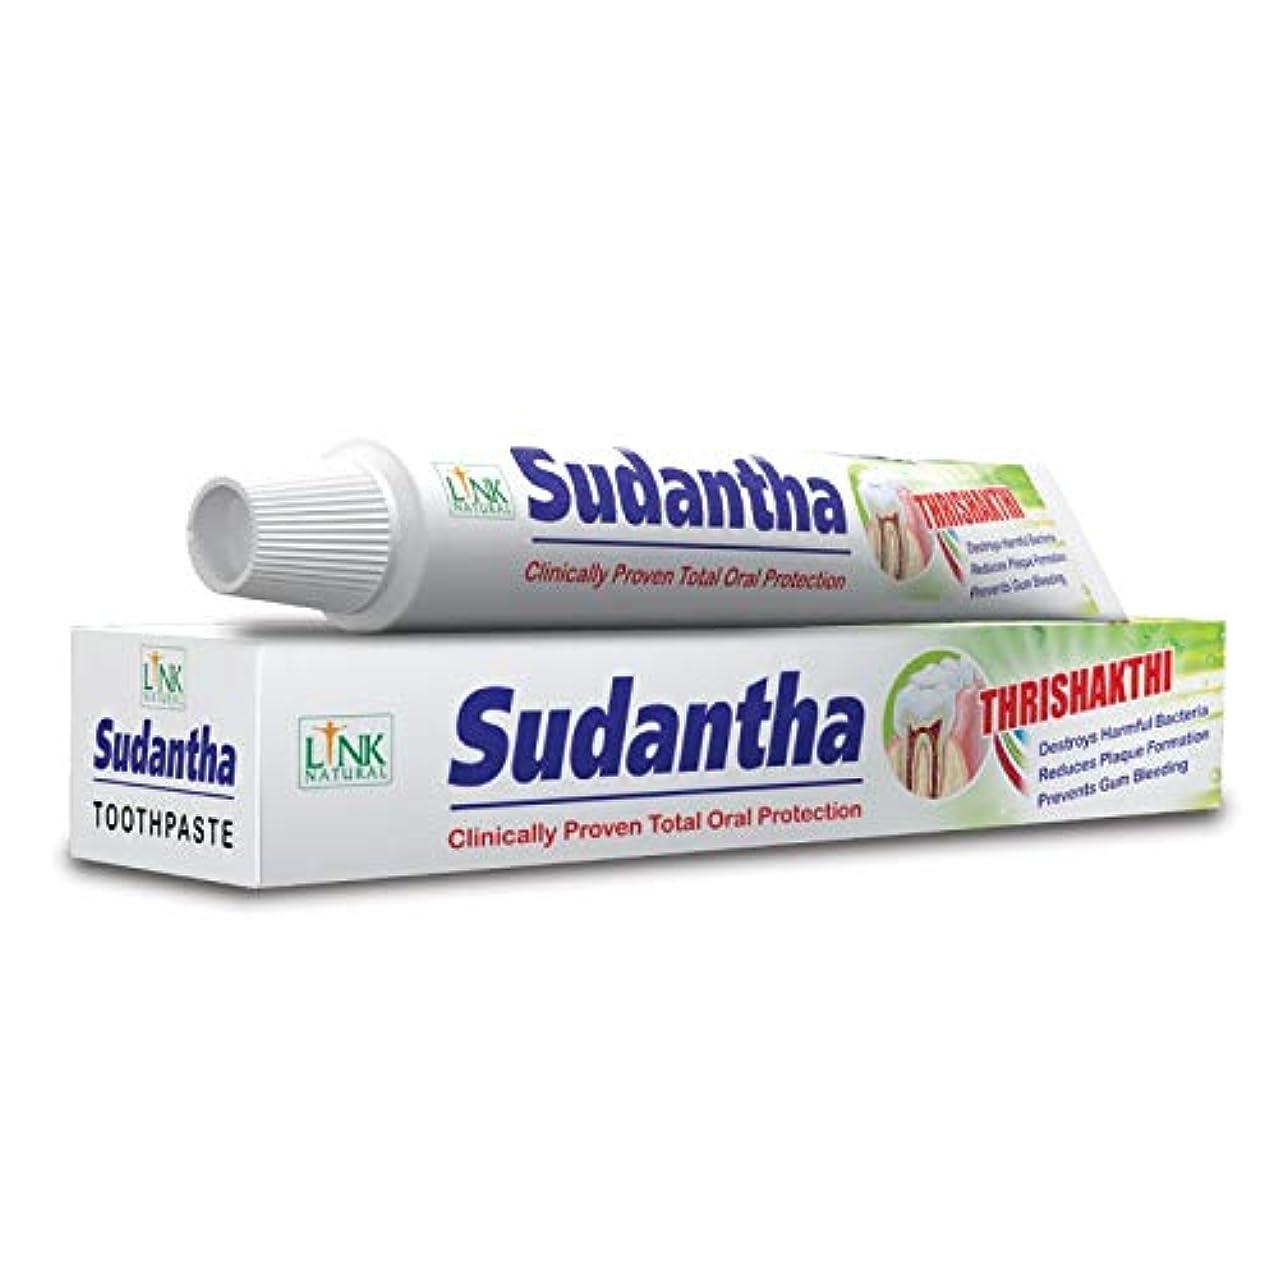 怒る石膏ヒット2 x 80 g リンクSudanthaホメオパシーHerbal Toothpaste for合計Oral保護